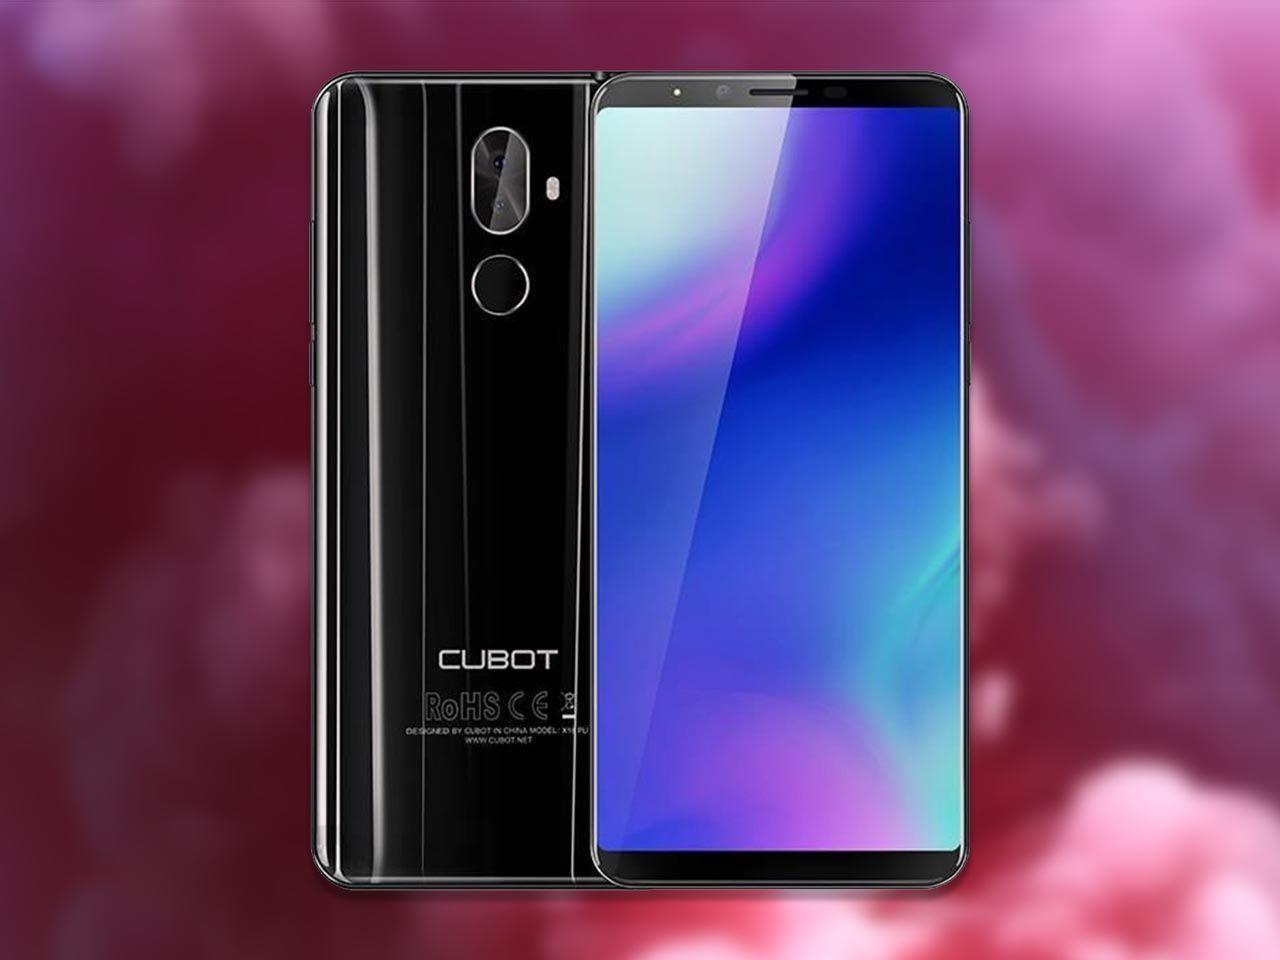 5d7668f1296ef4 Smartfony z najmocniejszą baterią [Przegląd] - Magazyn Ceneo.pl